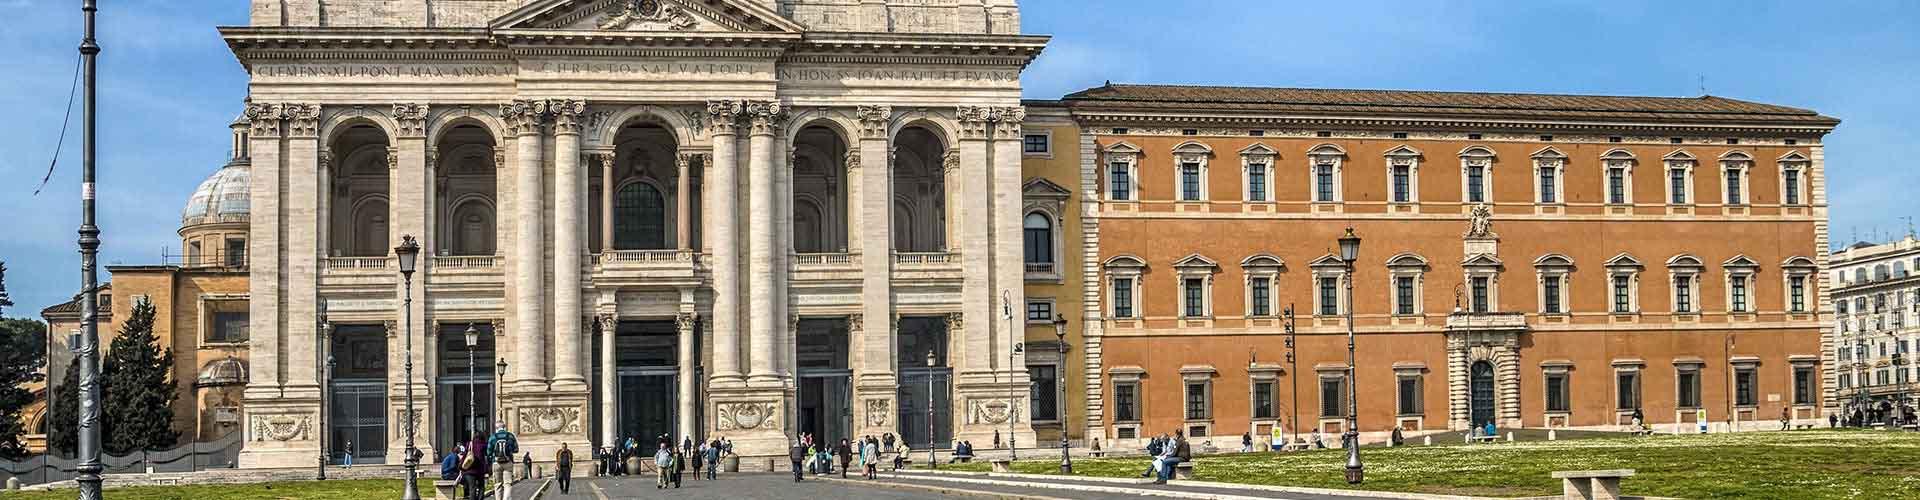 Rooma – Huoneet kaupungiosassa San Giovanni. Rooma -karttoja, valokuvia ja arvosteluja kaikista Rooma -huoneista.